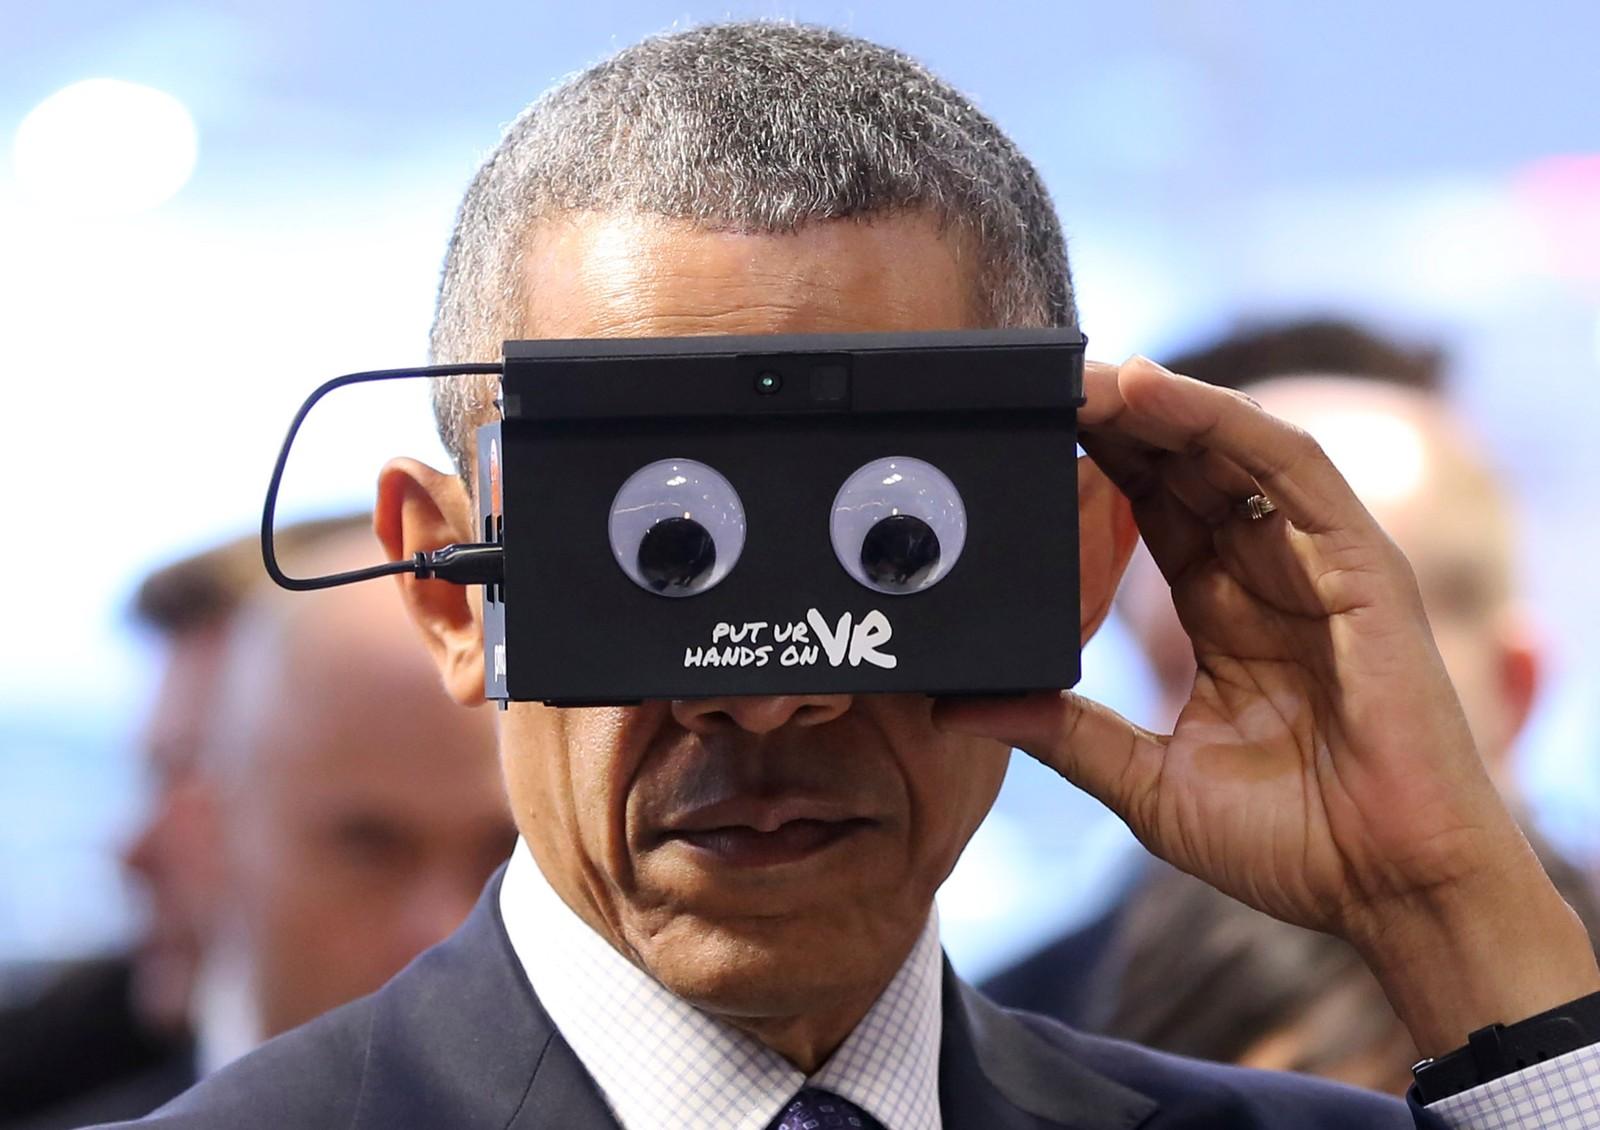 USAs president Barack Obama tester VR-briller under teknologimessen i Hannover i Tyskland mandag denne uken, under hans to dager lange offisielle besøk til Tyskland.